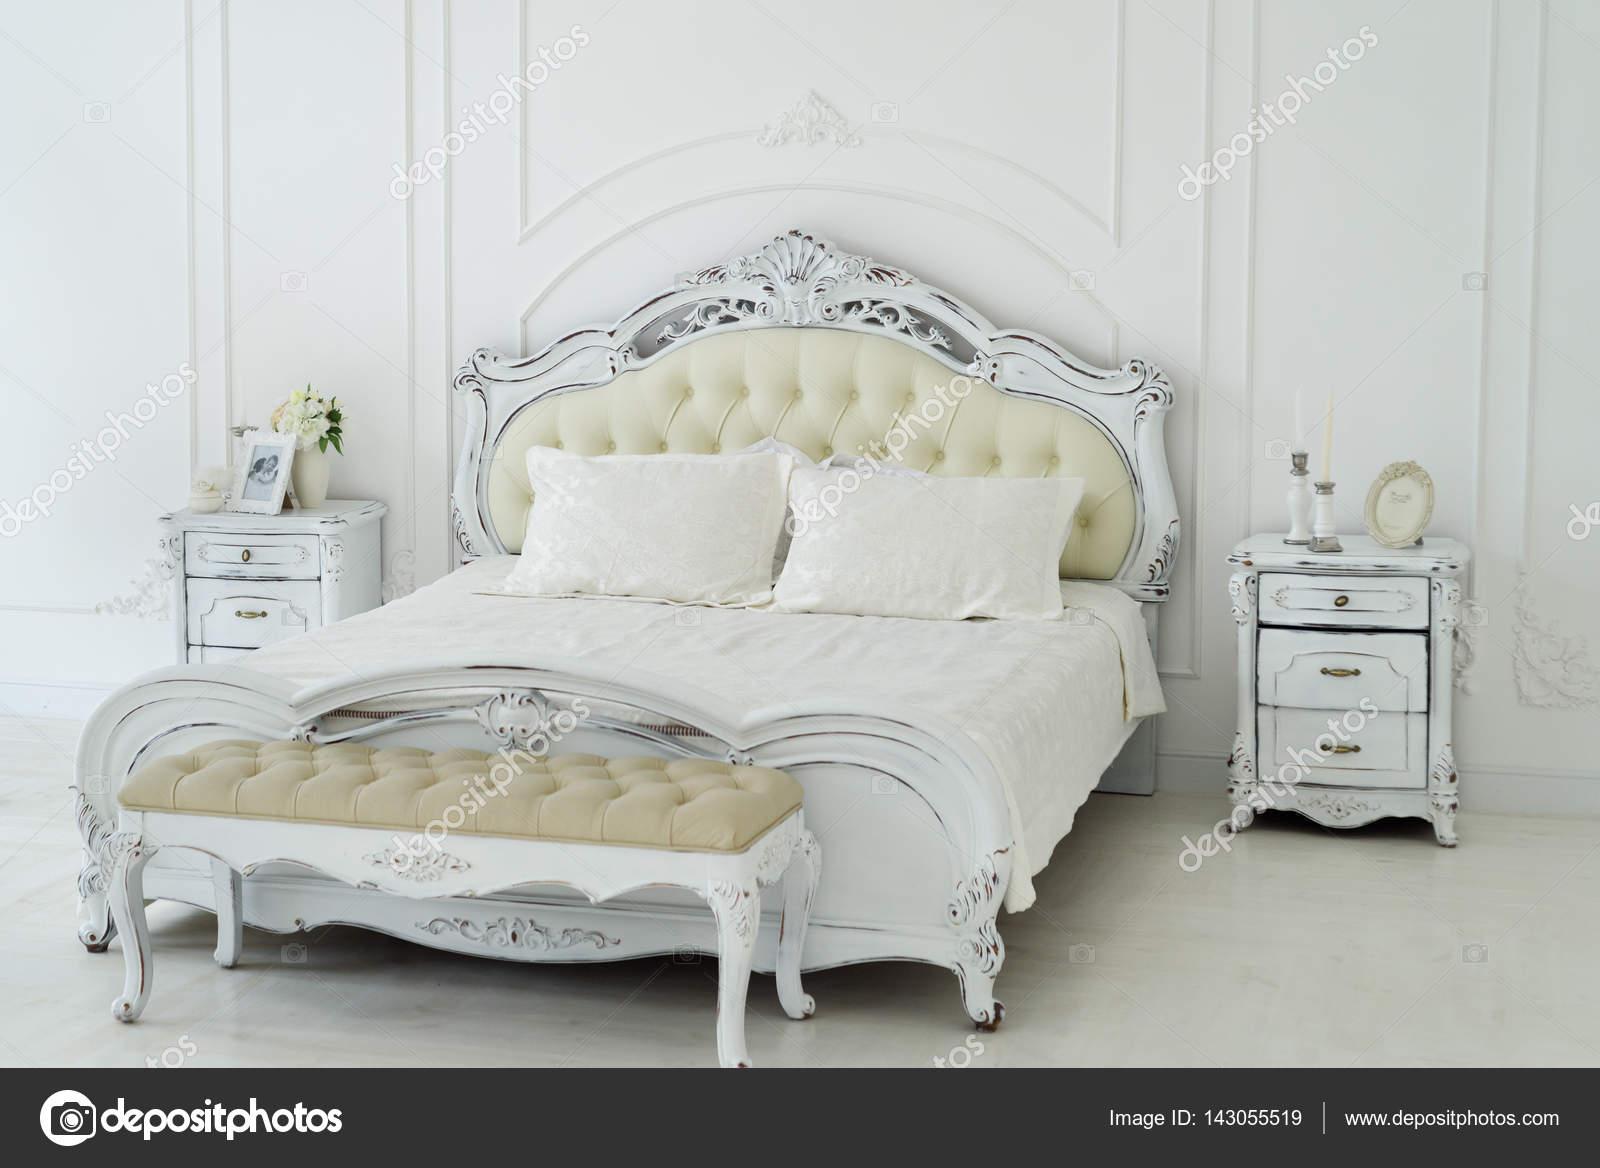 Chambre à coucher royale intérieur — Photographie SweetPhoto ...